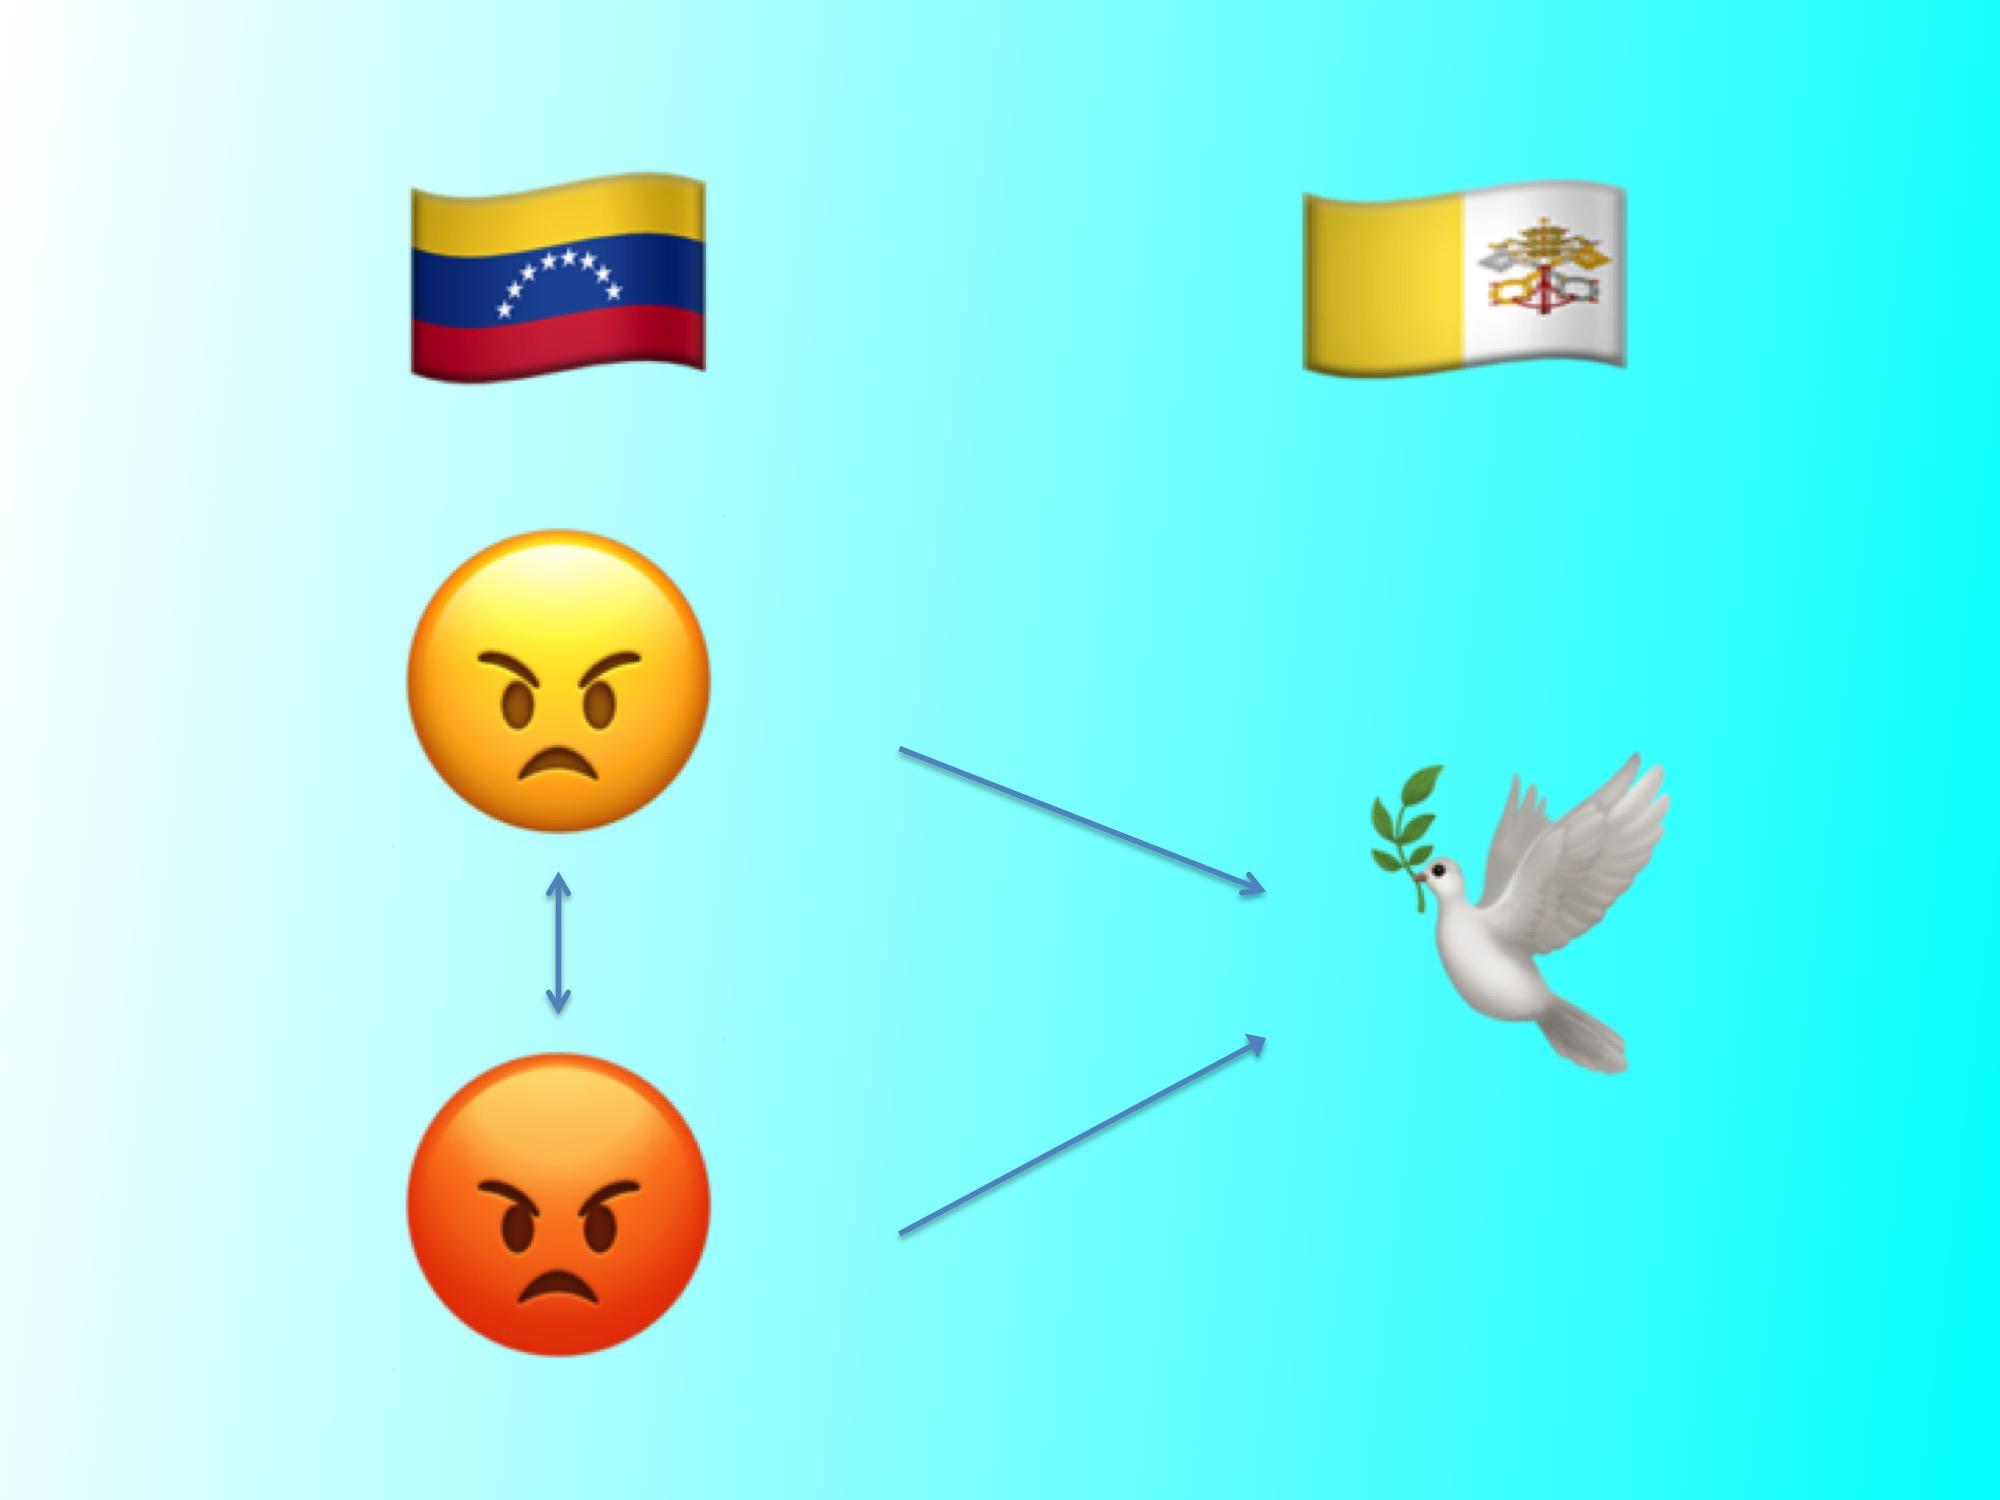 Klik op de afbeelding en ontdek naar welke kerkelijke actualiteit deze emoji-combinatie verwijst.